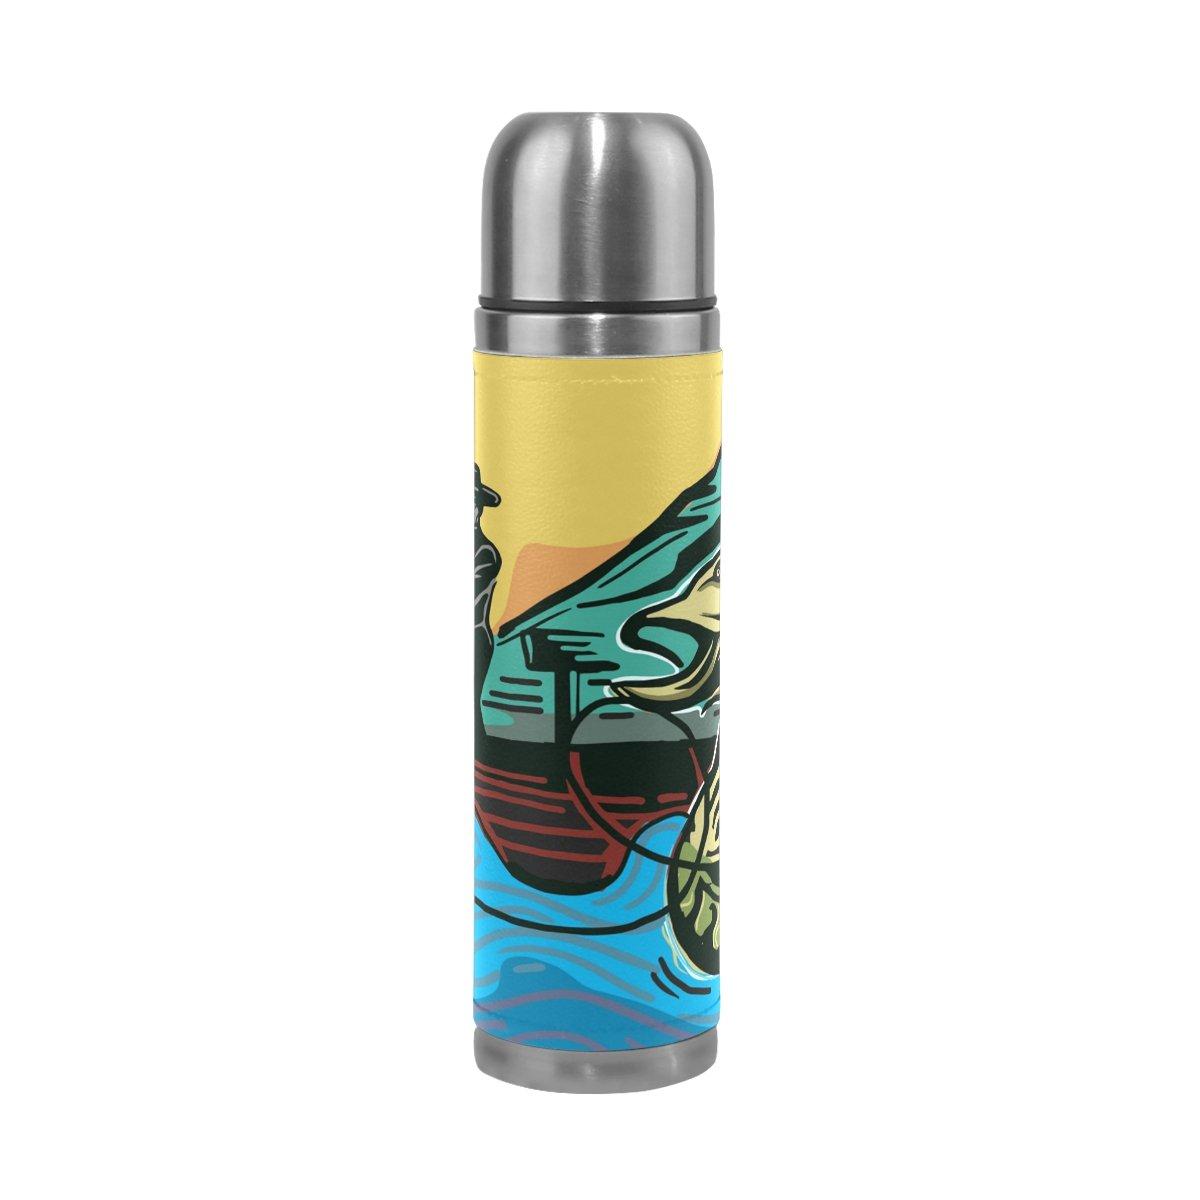 DragonSwordlinsu COOSUN - Botella de Agua Térmica de Acero Inoxidable para Pesca, con Aislamiento al Vacío, a Prueba de Fugas, Doble Botella de Vacío, Piel sintética, Taza Térmica de Viaje, 473 ML